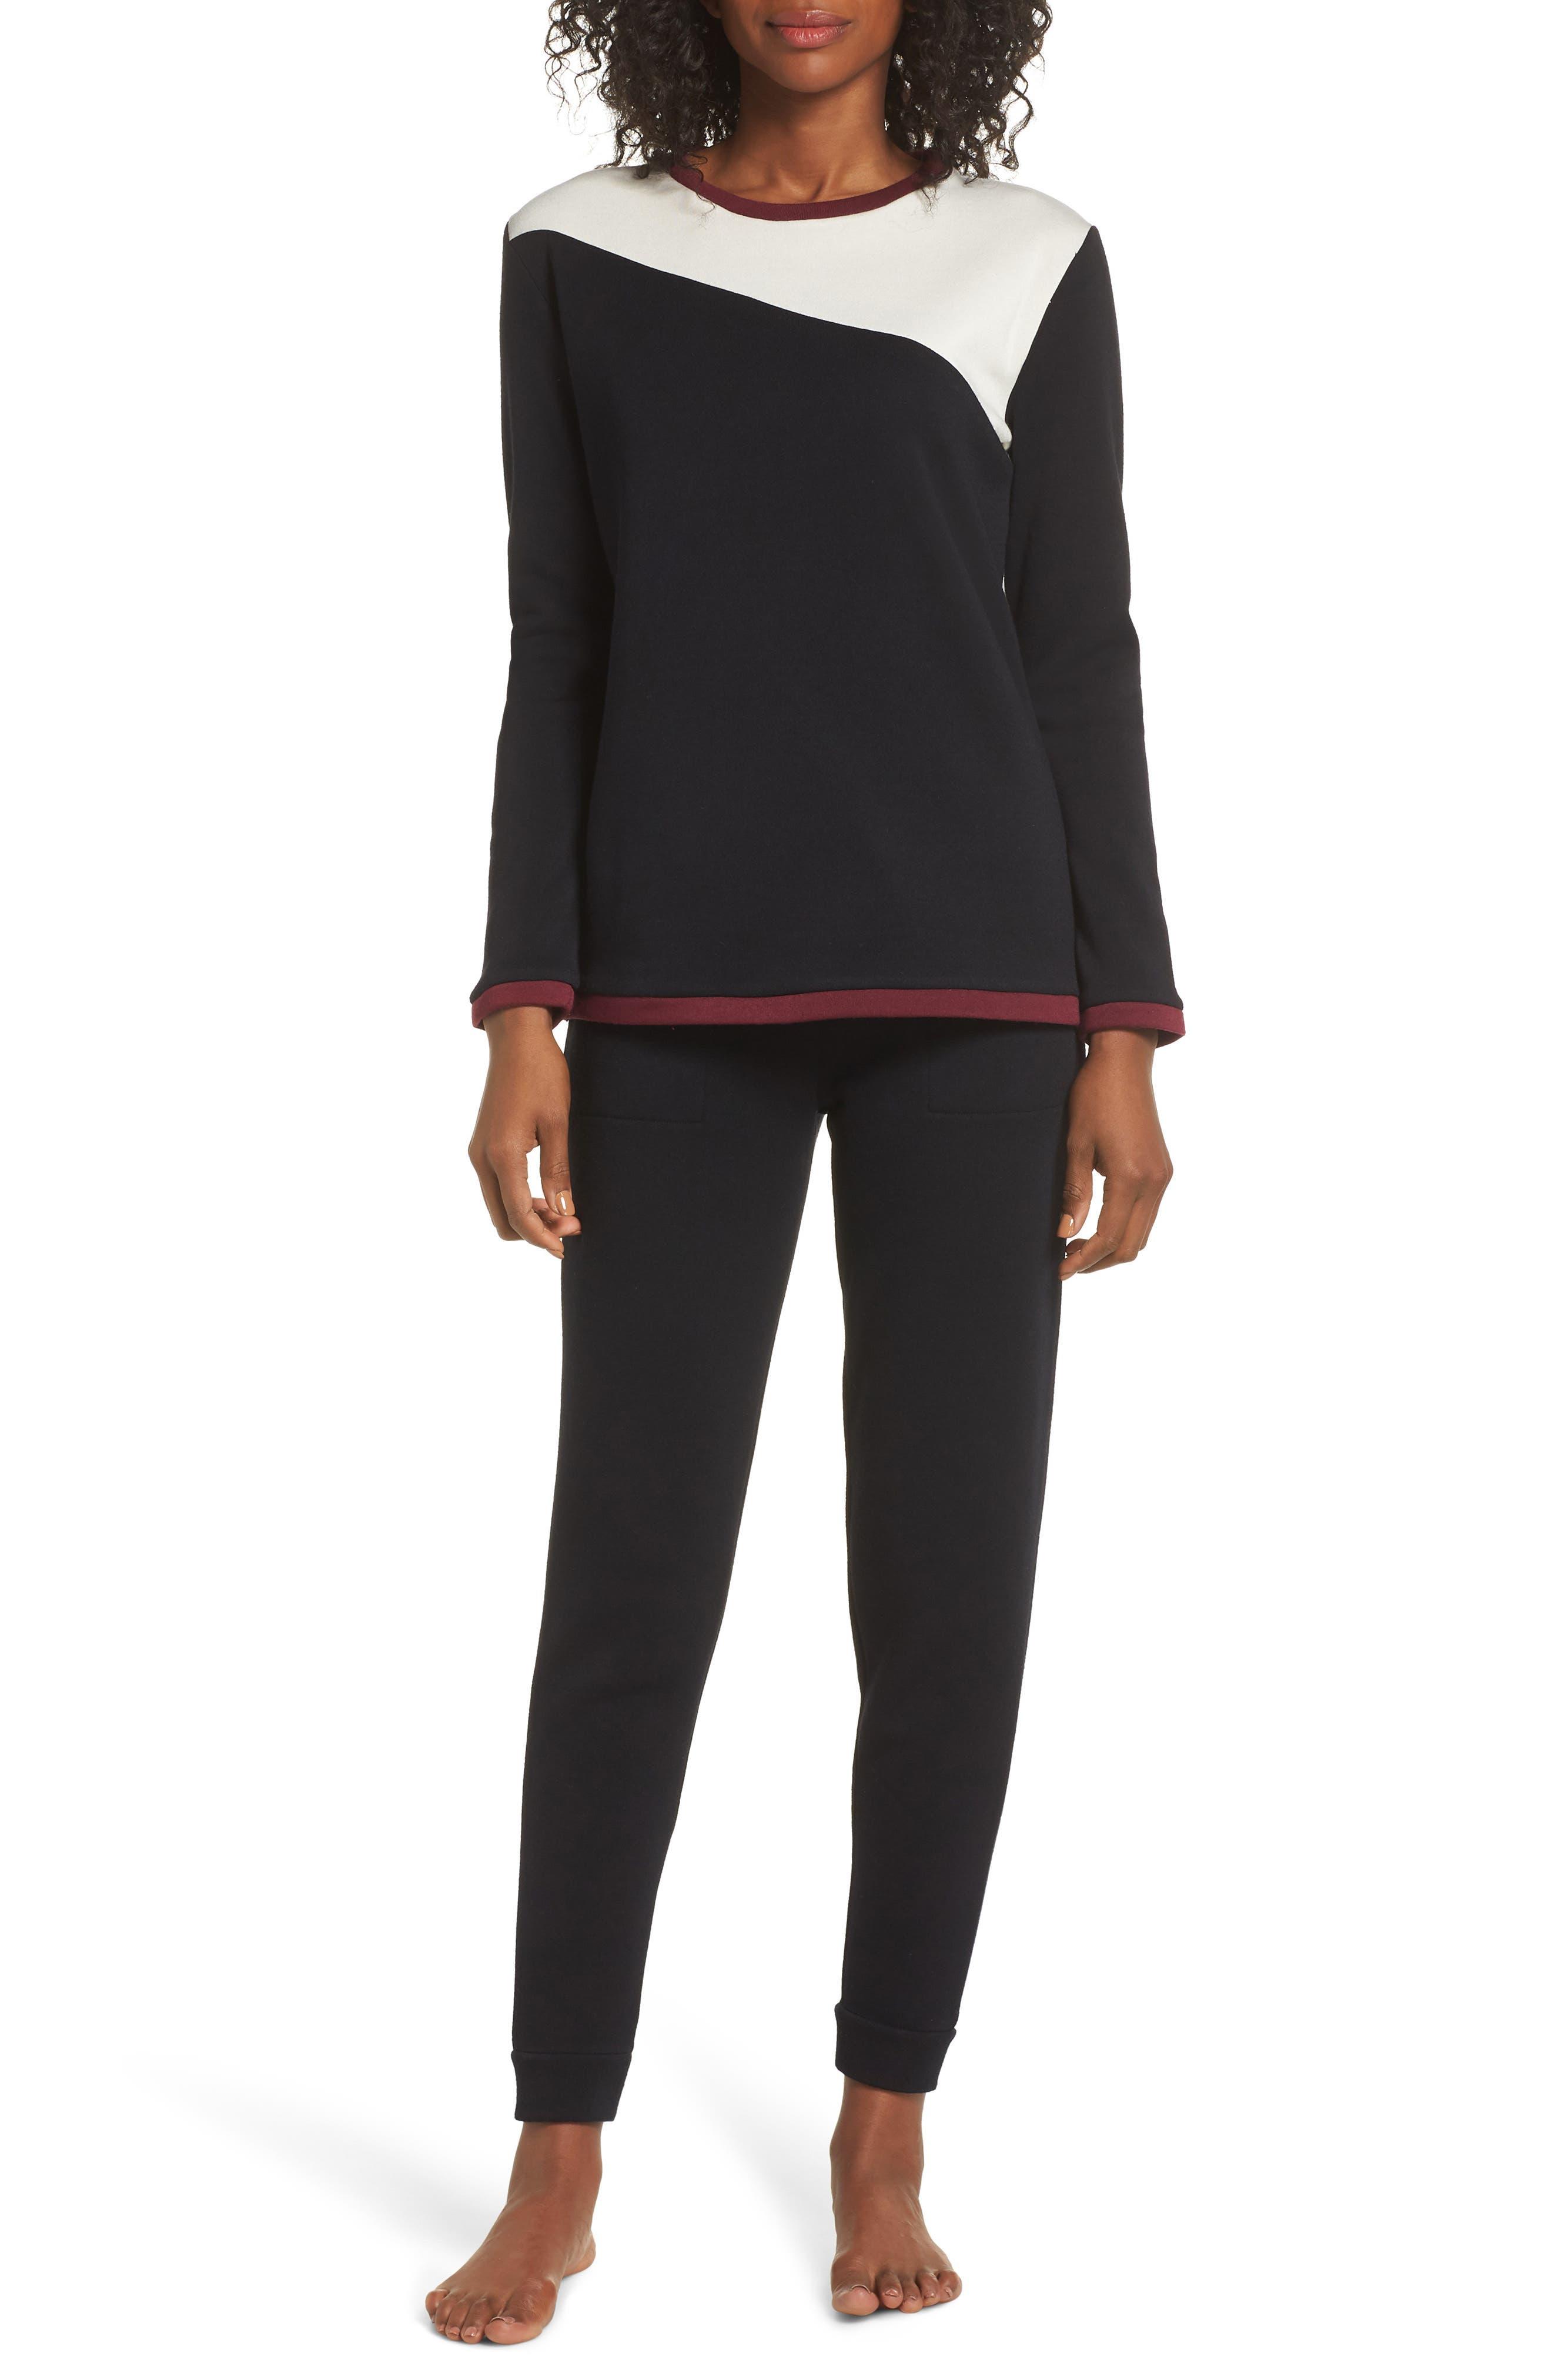 Fleece Cozy Lounger Pajamas,                             Main thumbnail 1, color,                             BLACK